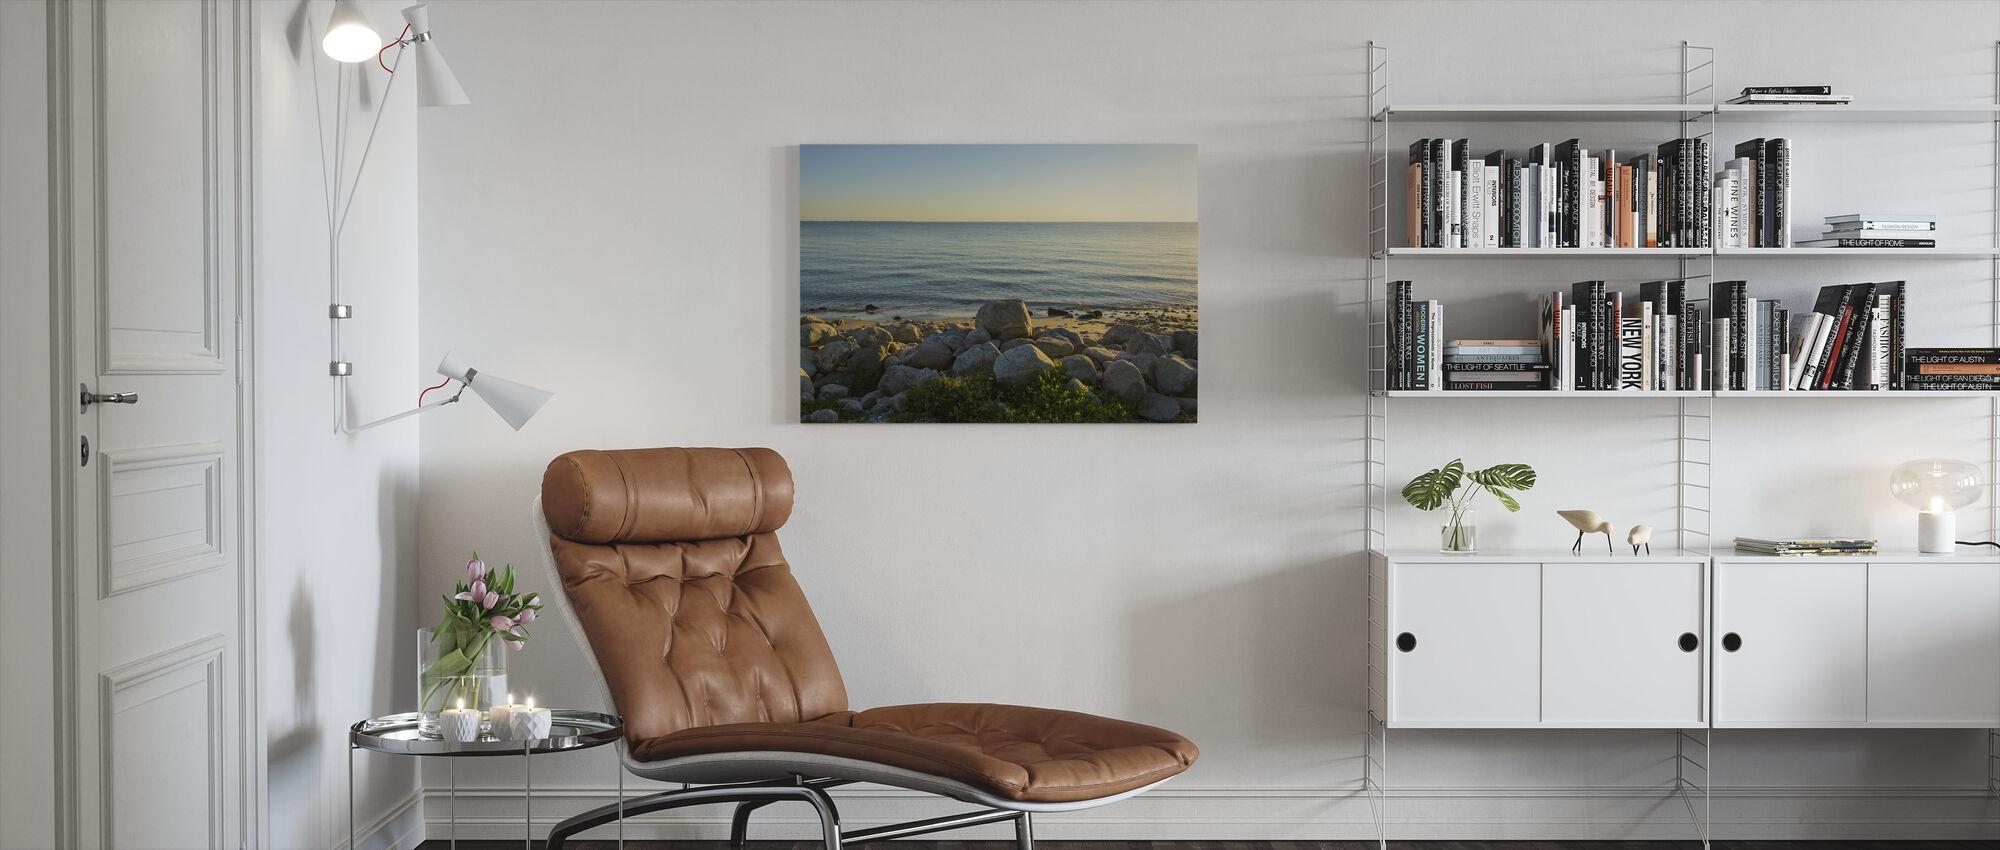 Odsherred Beach, Denmark - Canvas print - Living Room